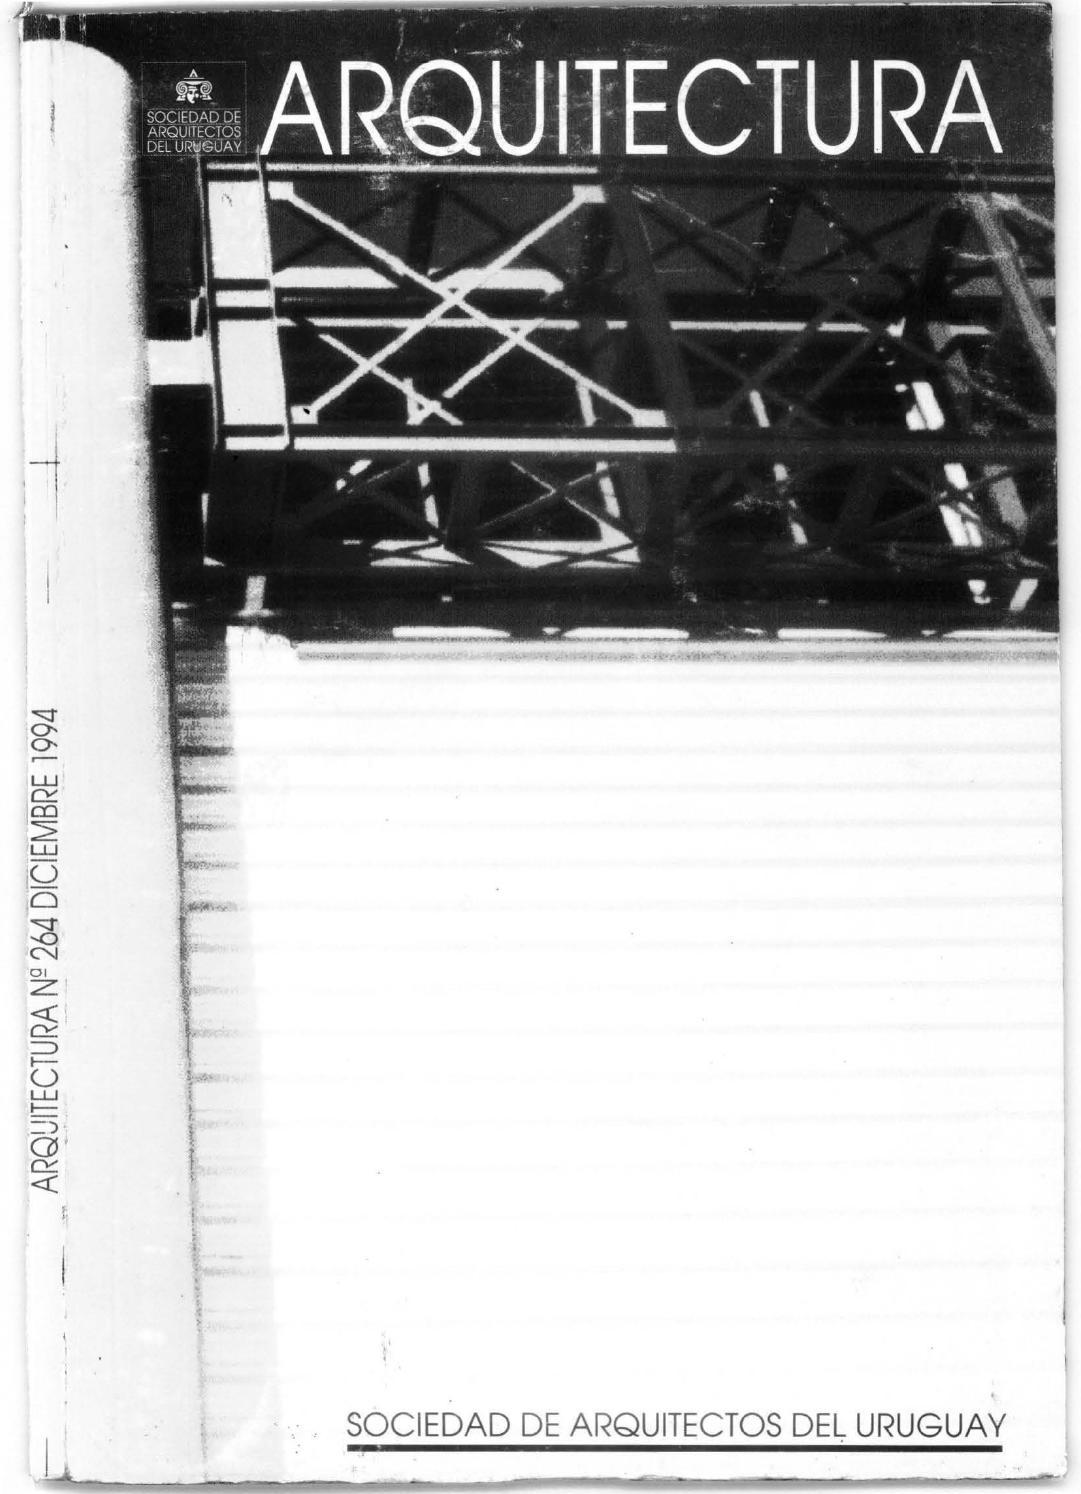 Arquitectura 264 1994 by sociedad de arquitectos del uruguay sau issuu - Sociedad de arquitectos ...